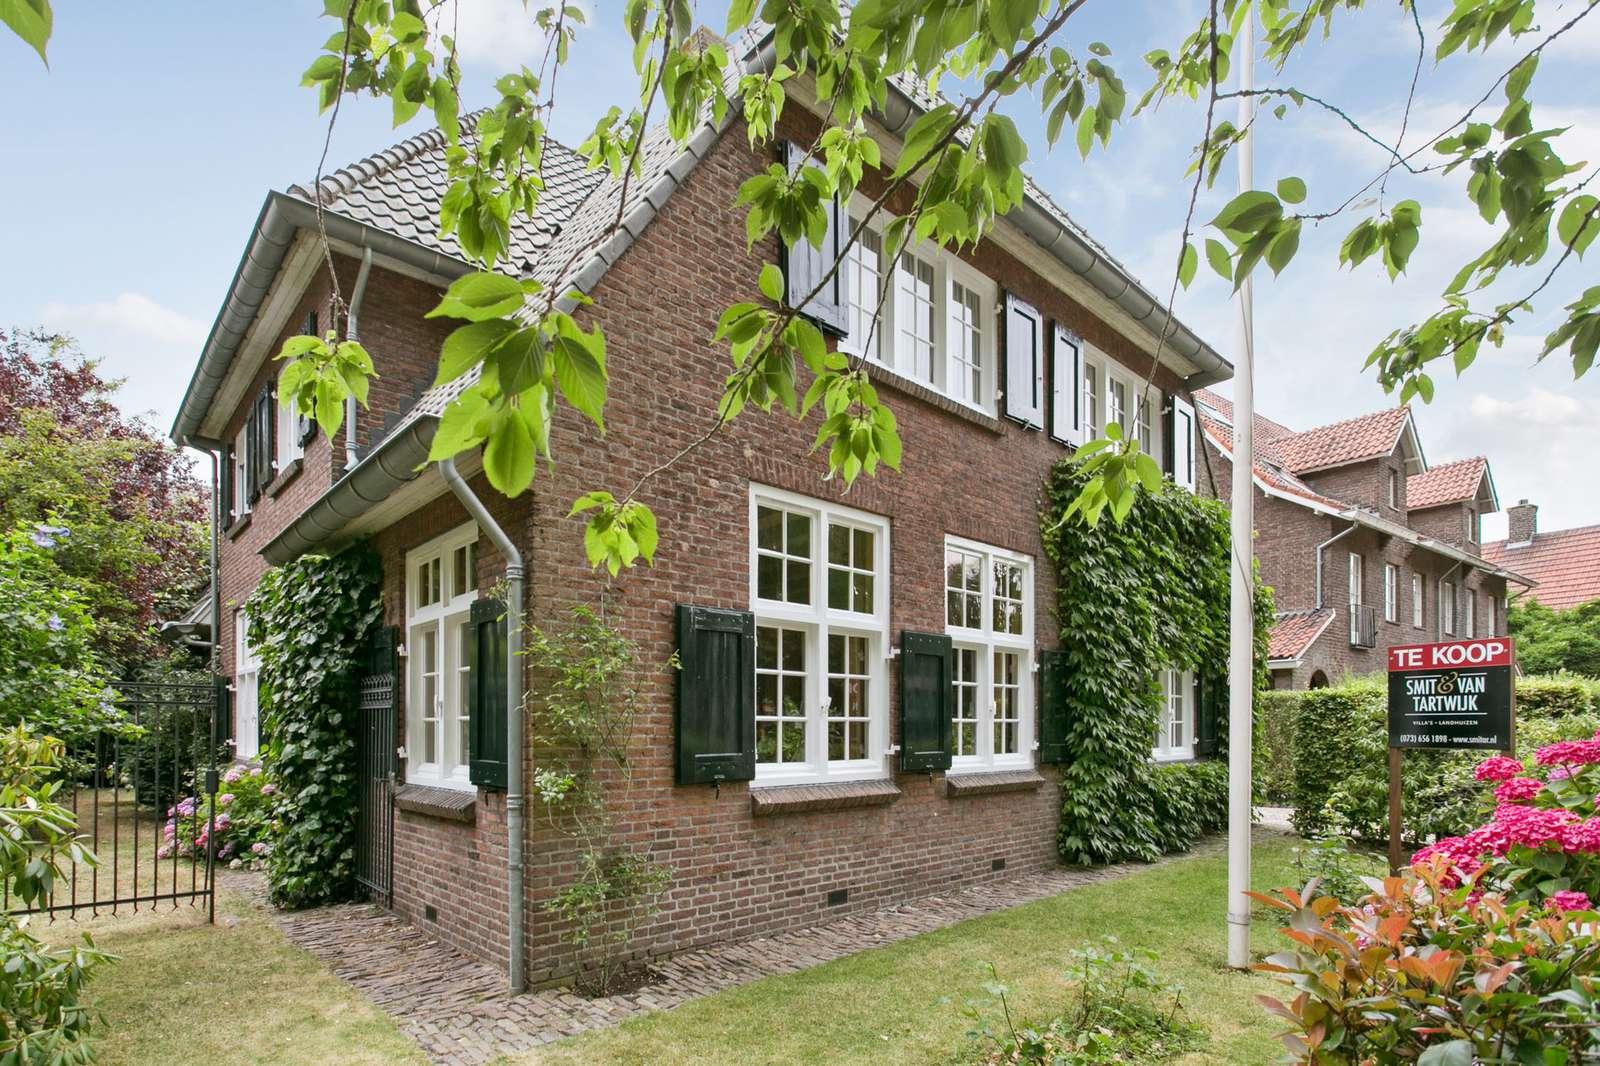 Vughterweg 27, villa 's-Hertogenbosch